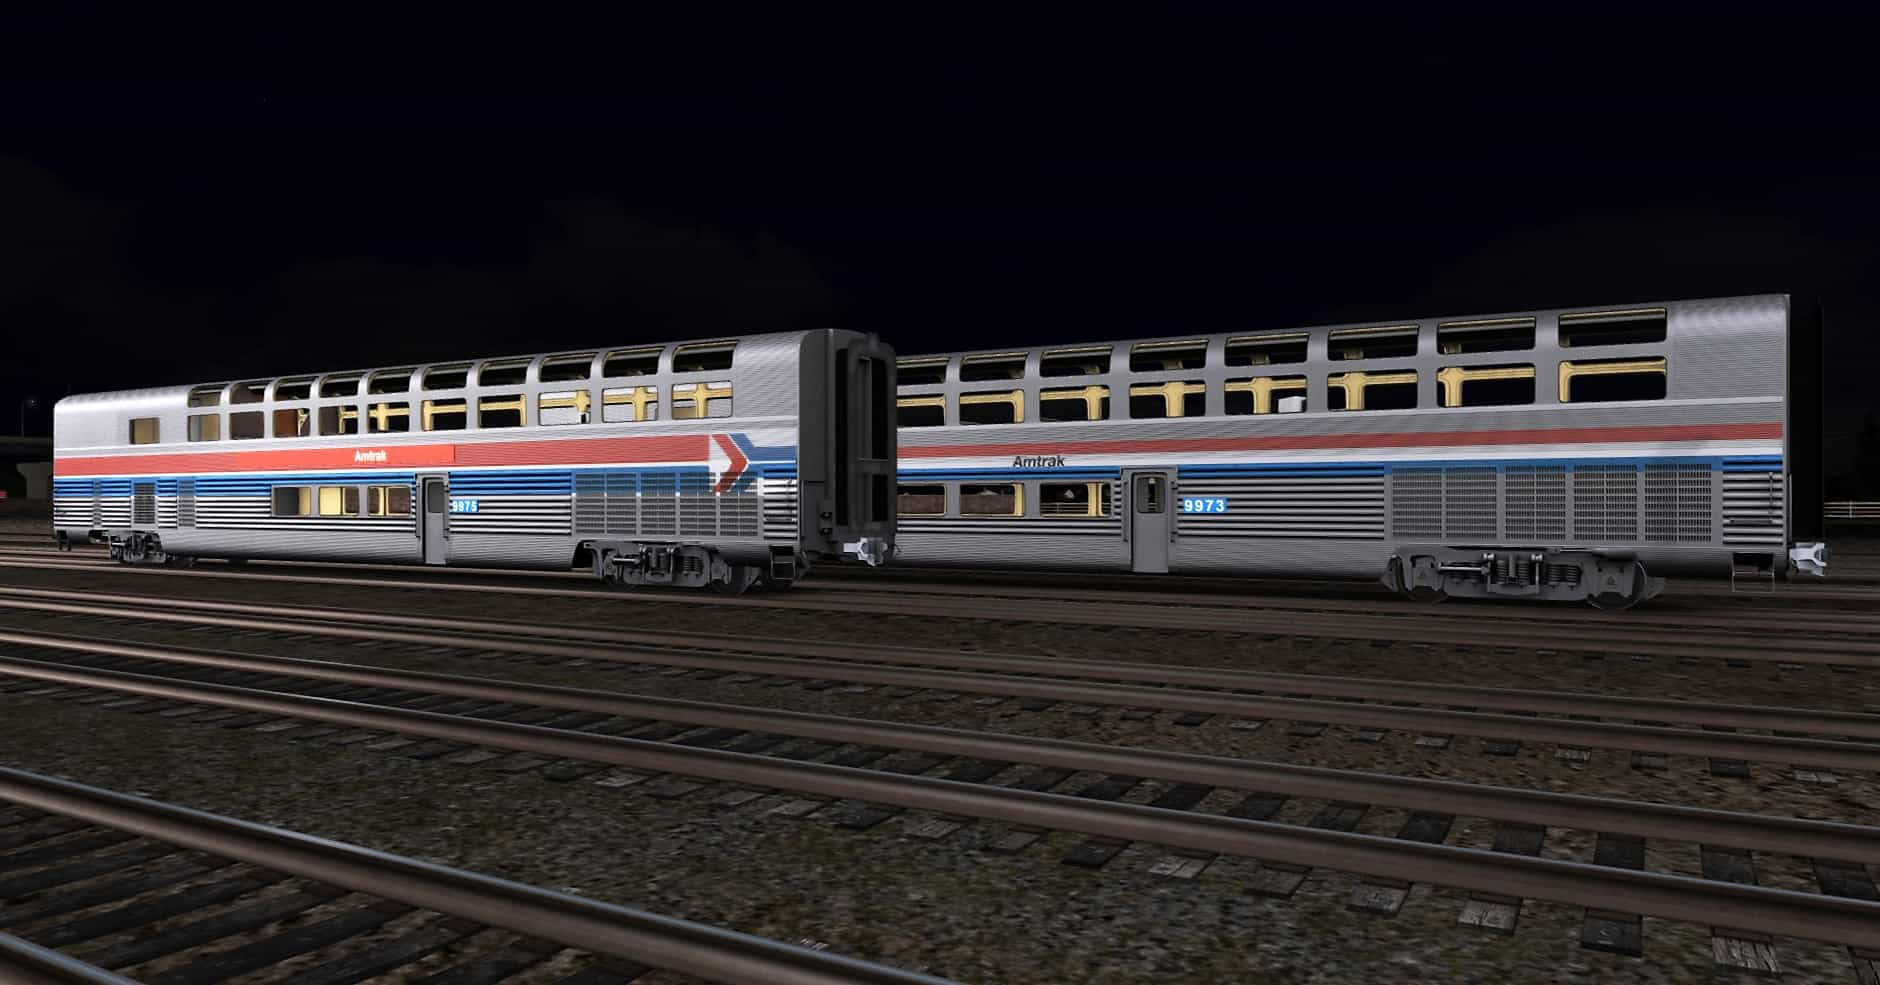 SDR-10